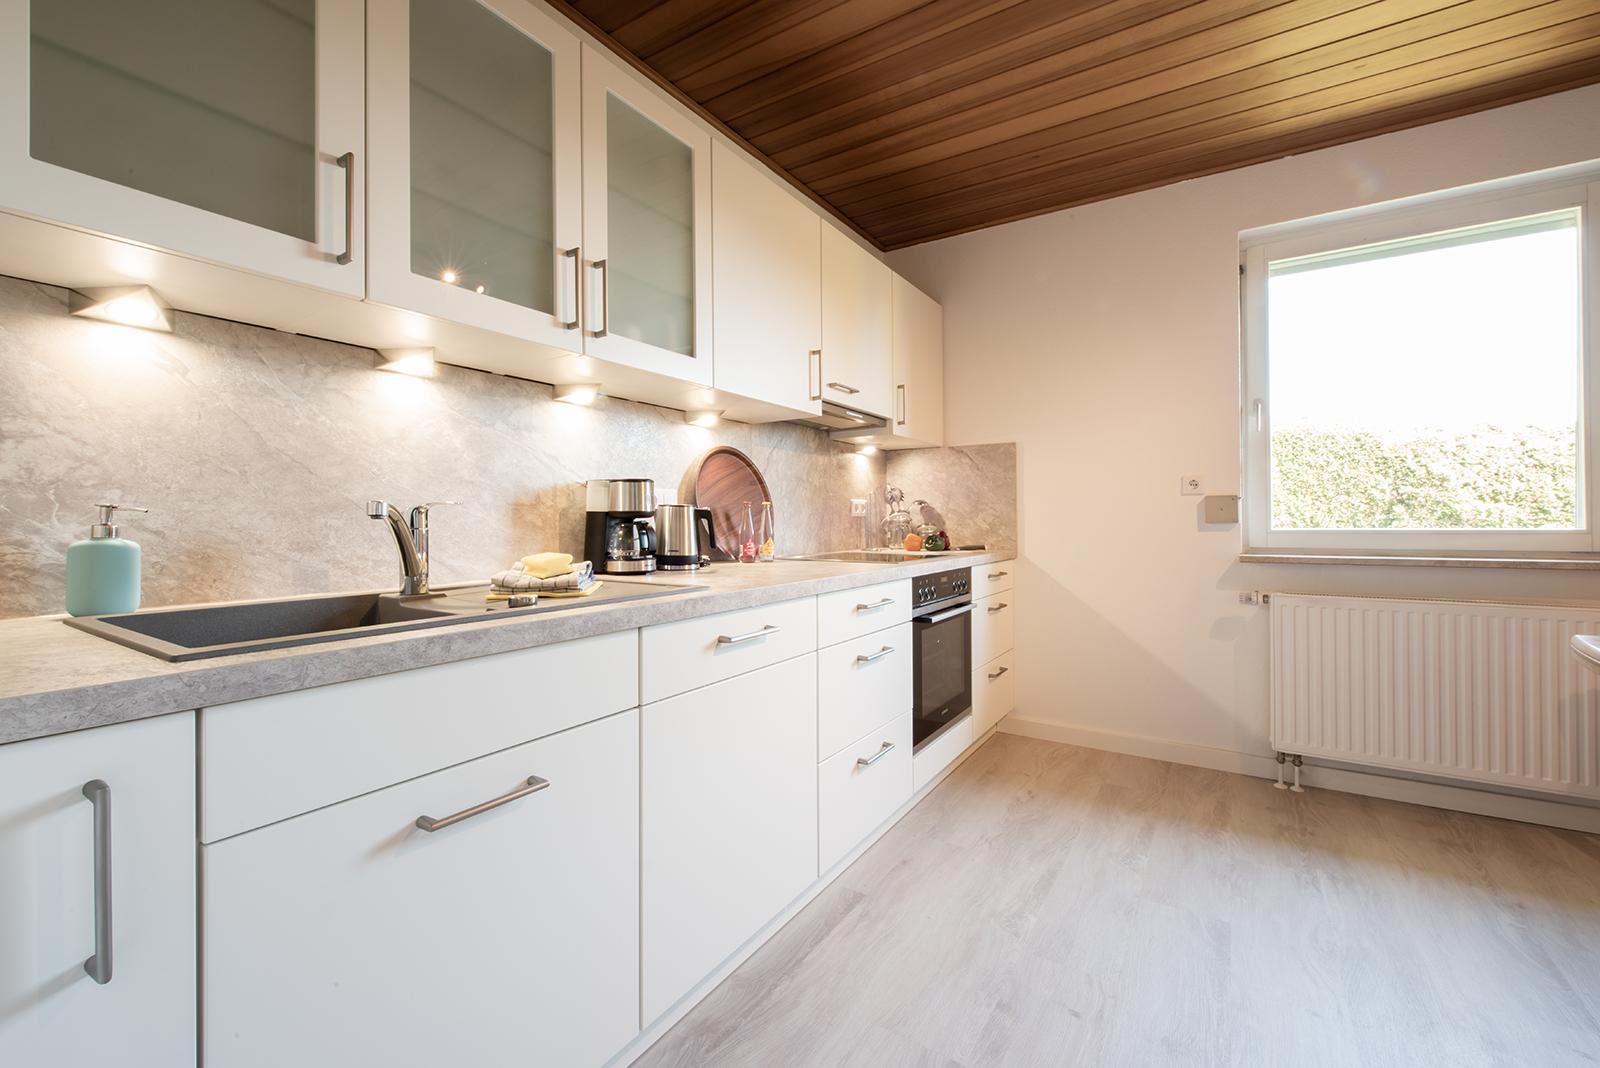 Ferienwohnung am Bodensee: Meersburg - Küche